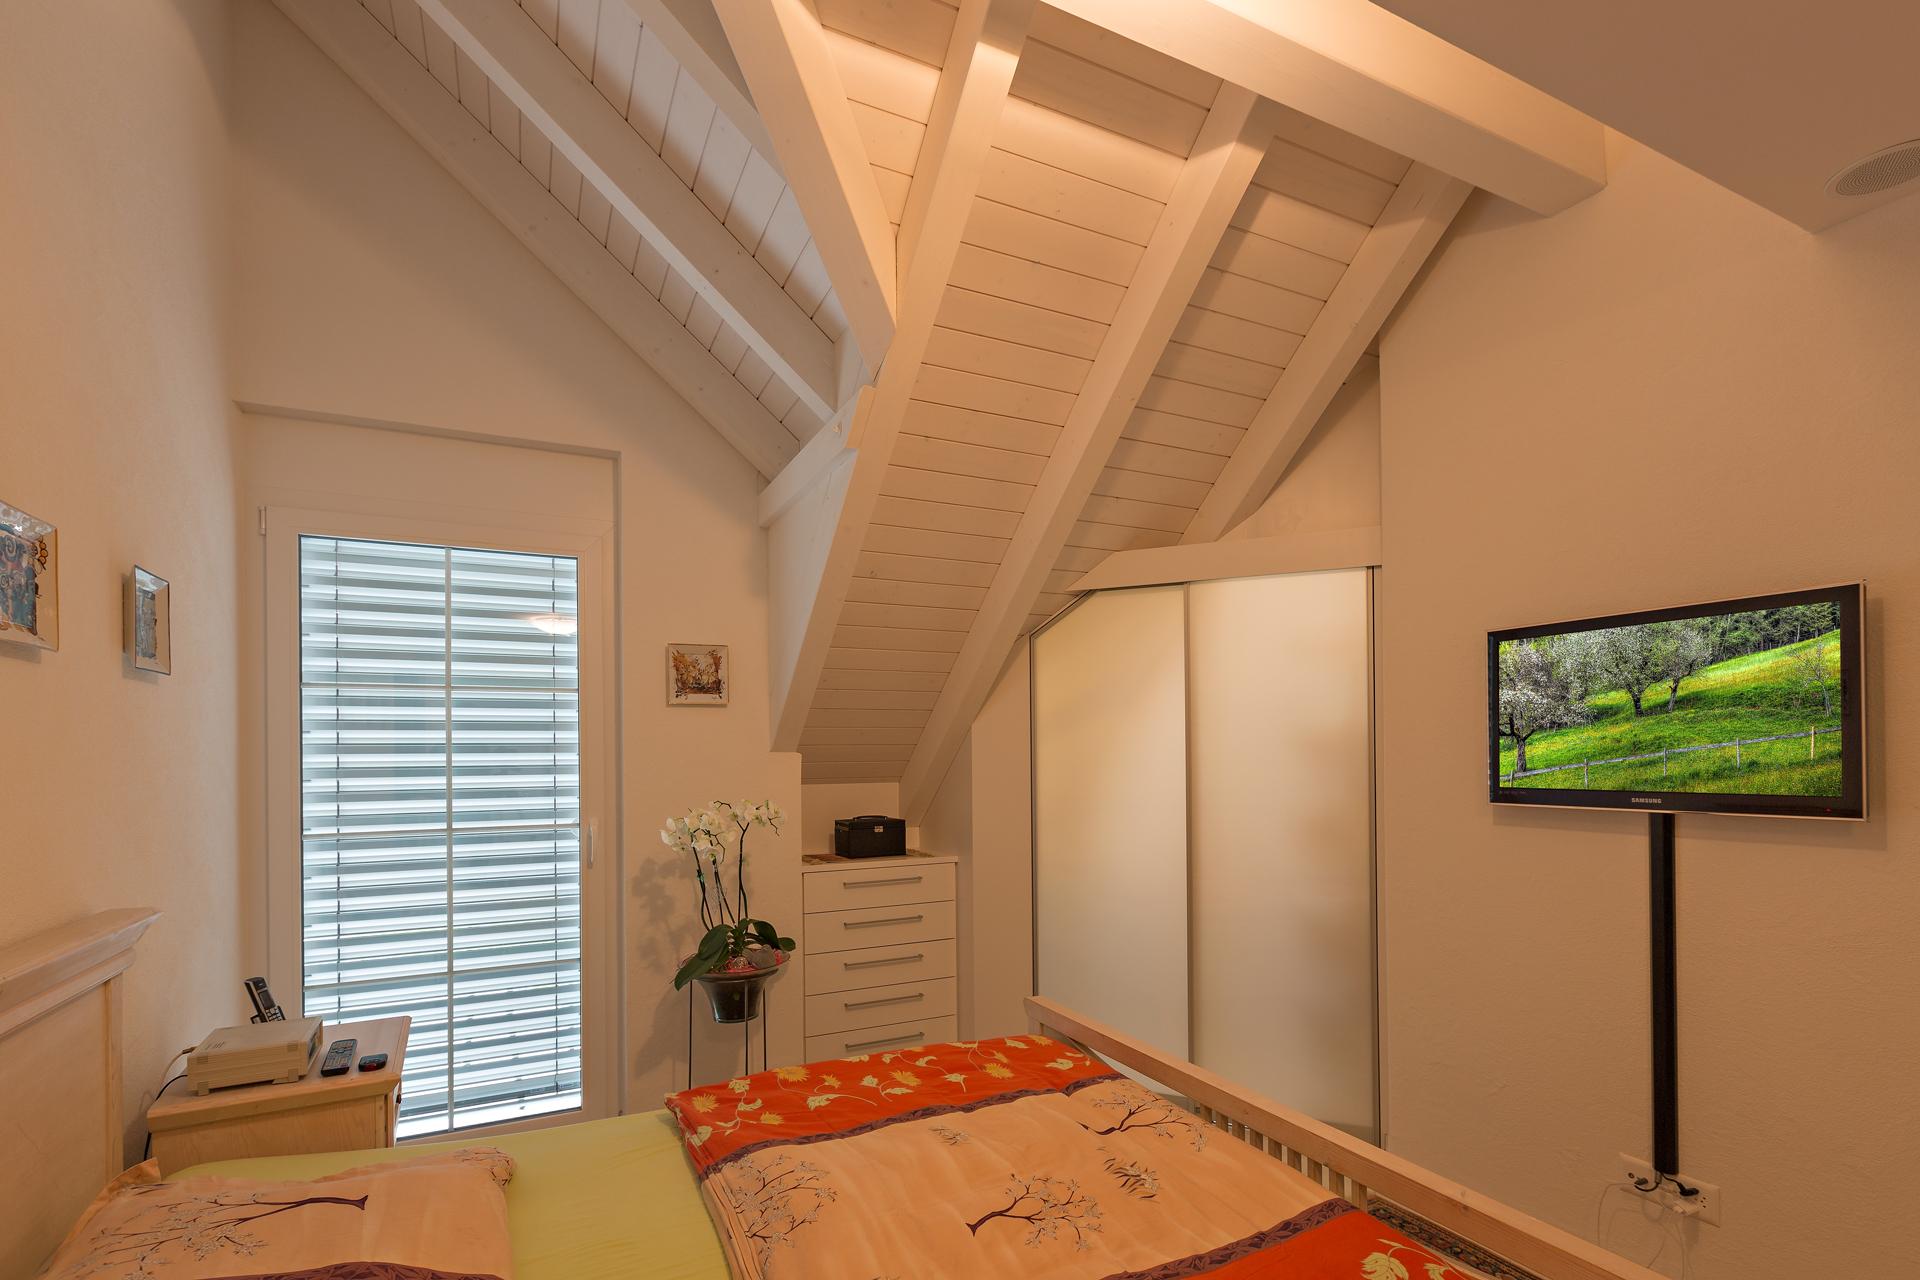 Anspruchsvoll Ankleidezimmer Dachschräge Foto Von Begehbare Ankleide Im Schopf - Mit Abgeschrägtem